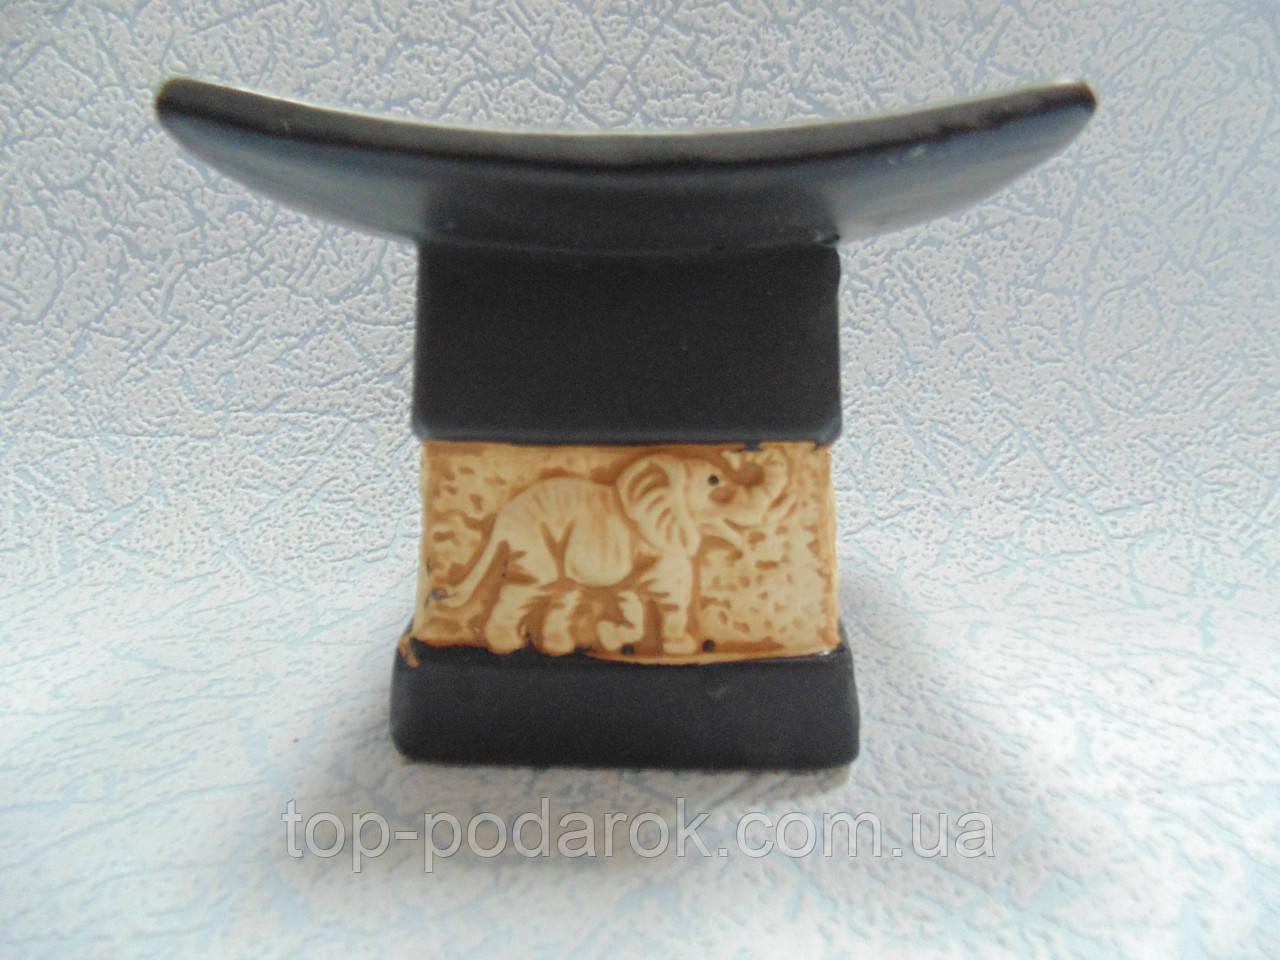 Аромалампа керамическая Слоны размер 9.5*9.5*8 см